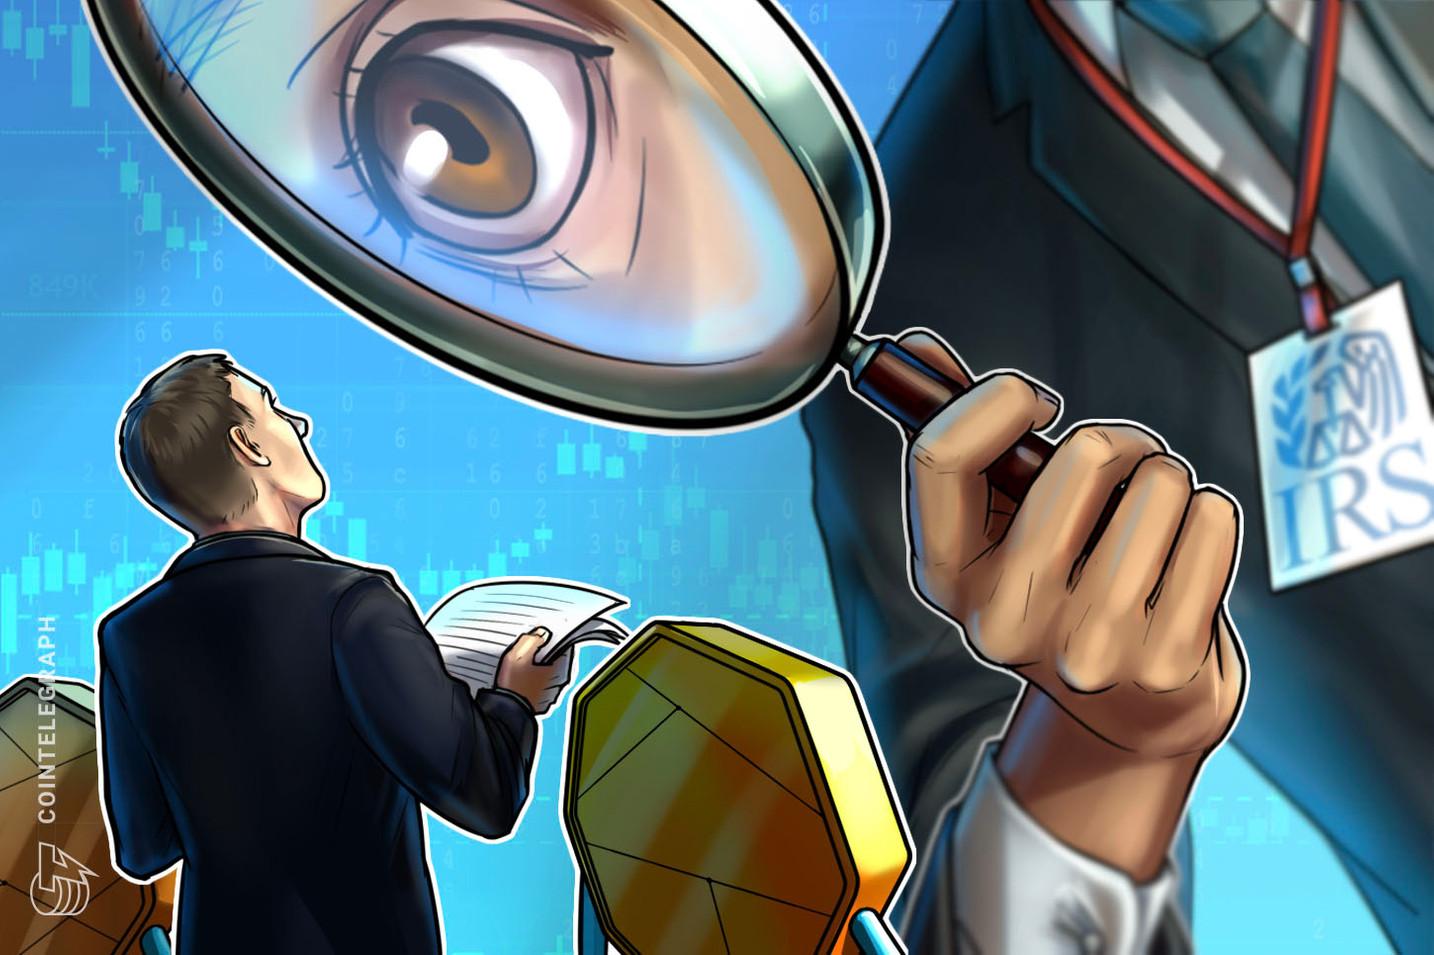 美国当局逮捕涉洗钱3.36亿美元的比特币混合服务平台Bitcoin Fog的经营者